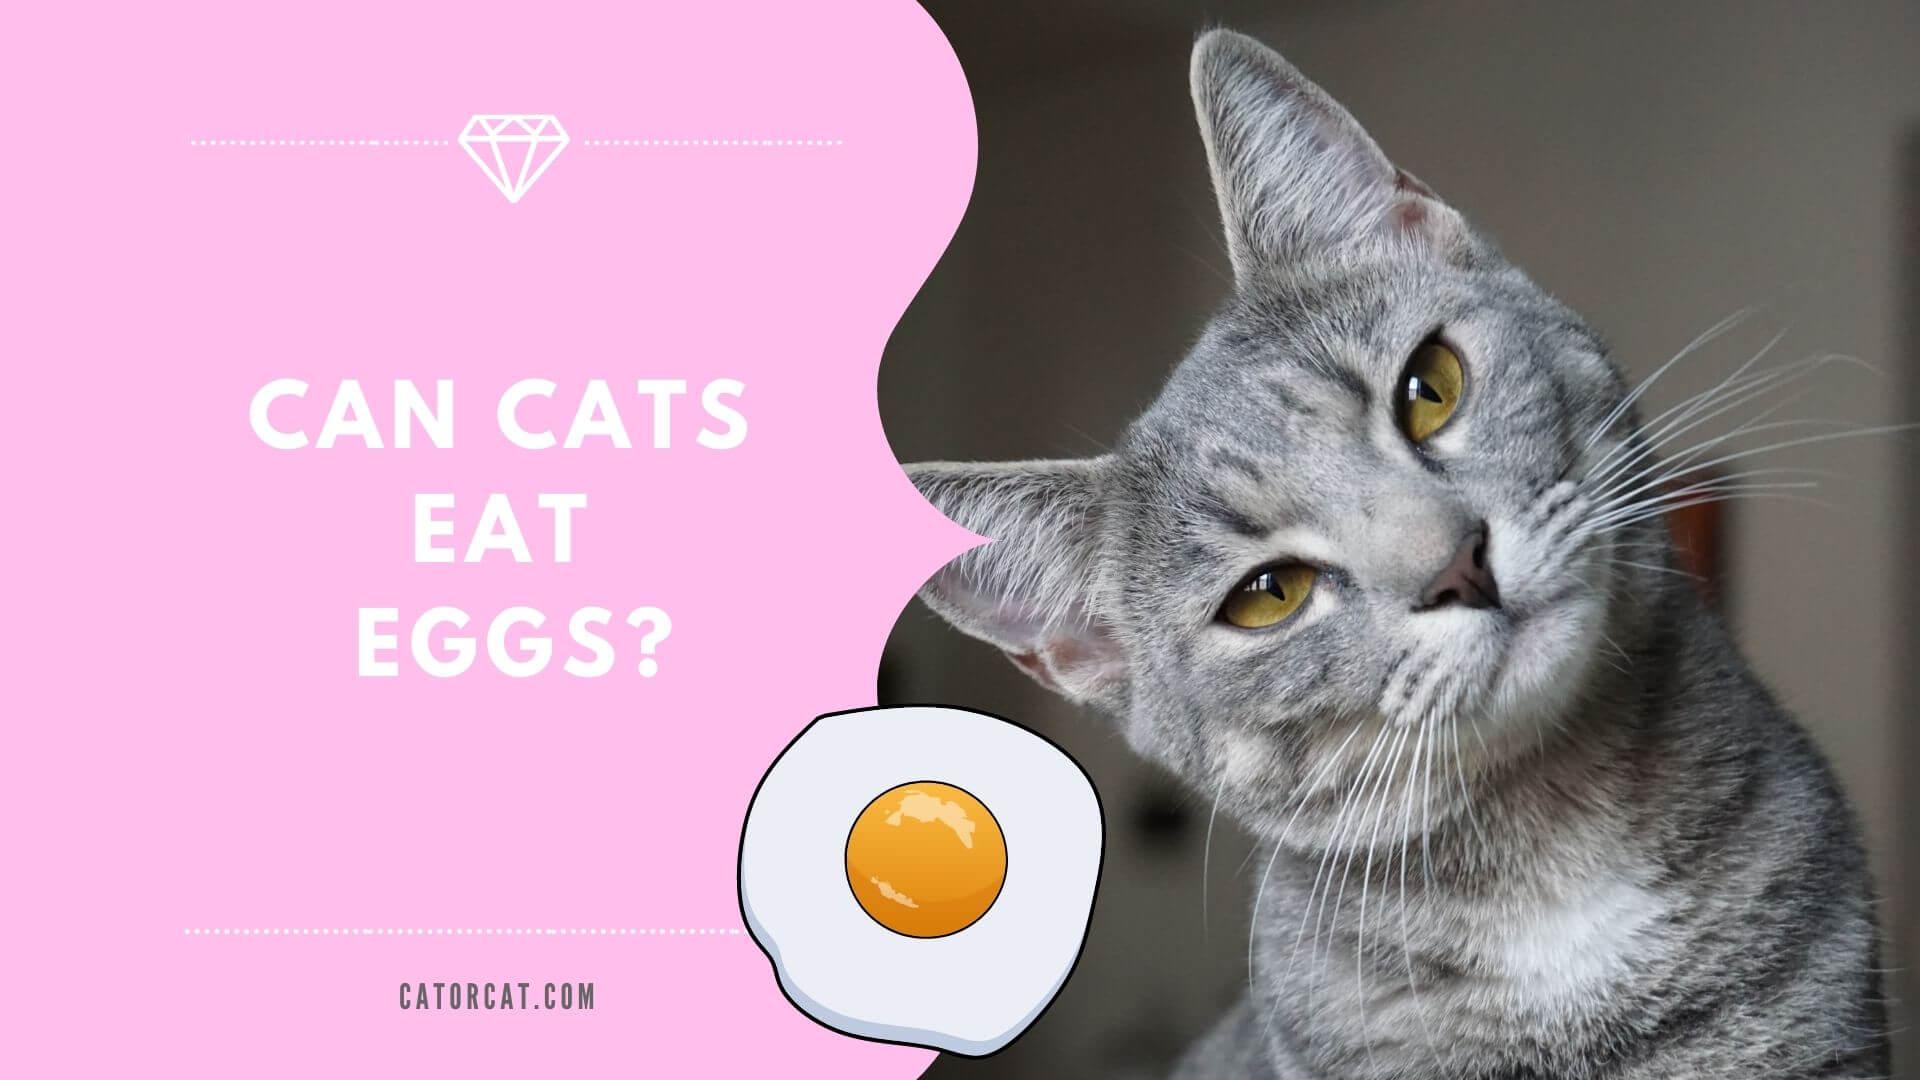 ¿Pueden los gatos comer huevos? ¿Son seguros y buenos, o malos?